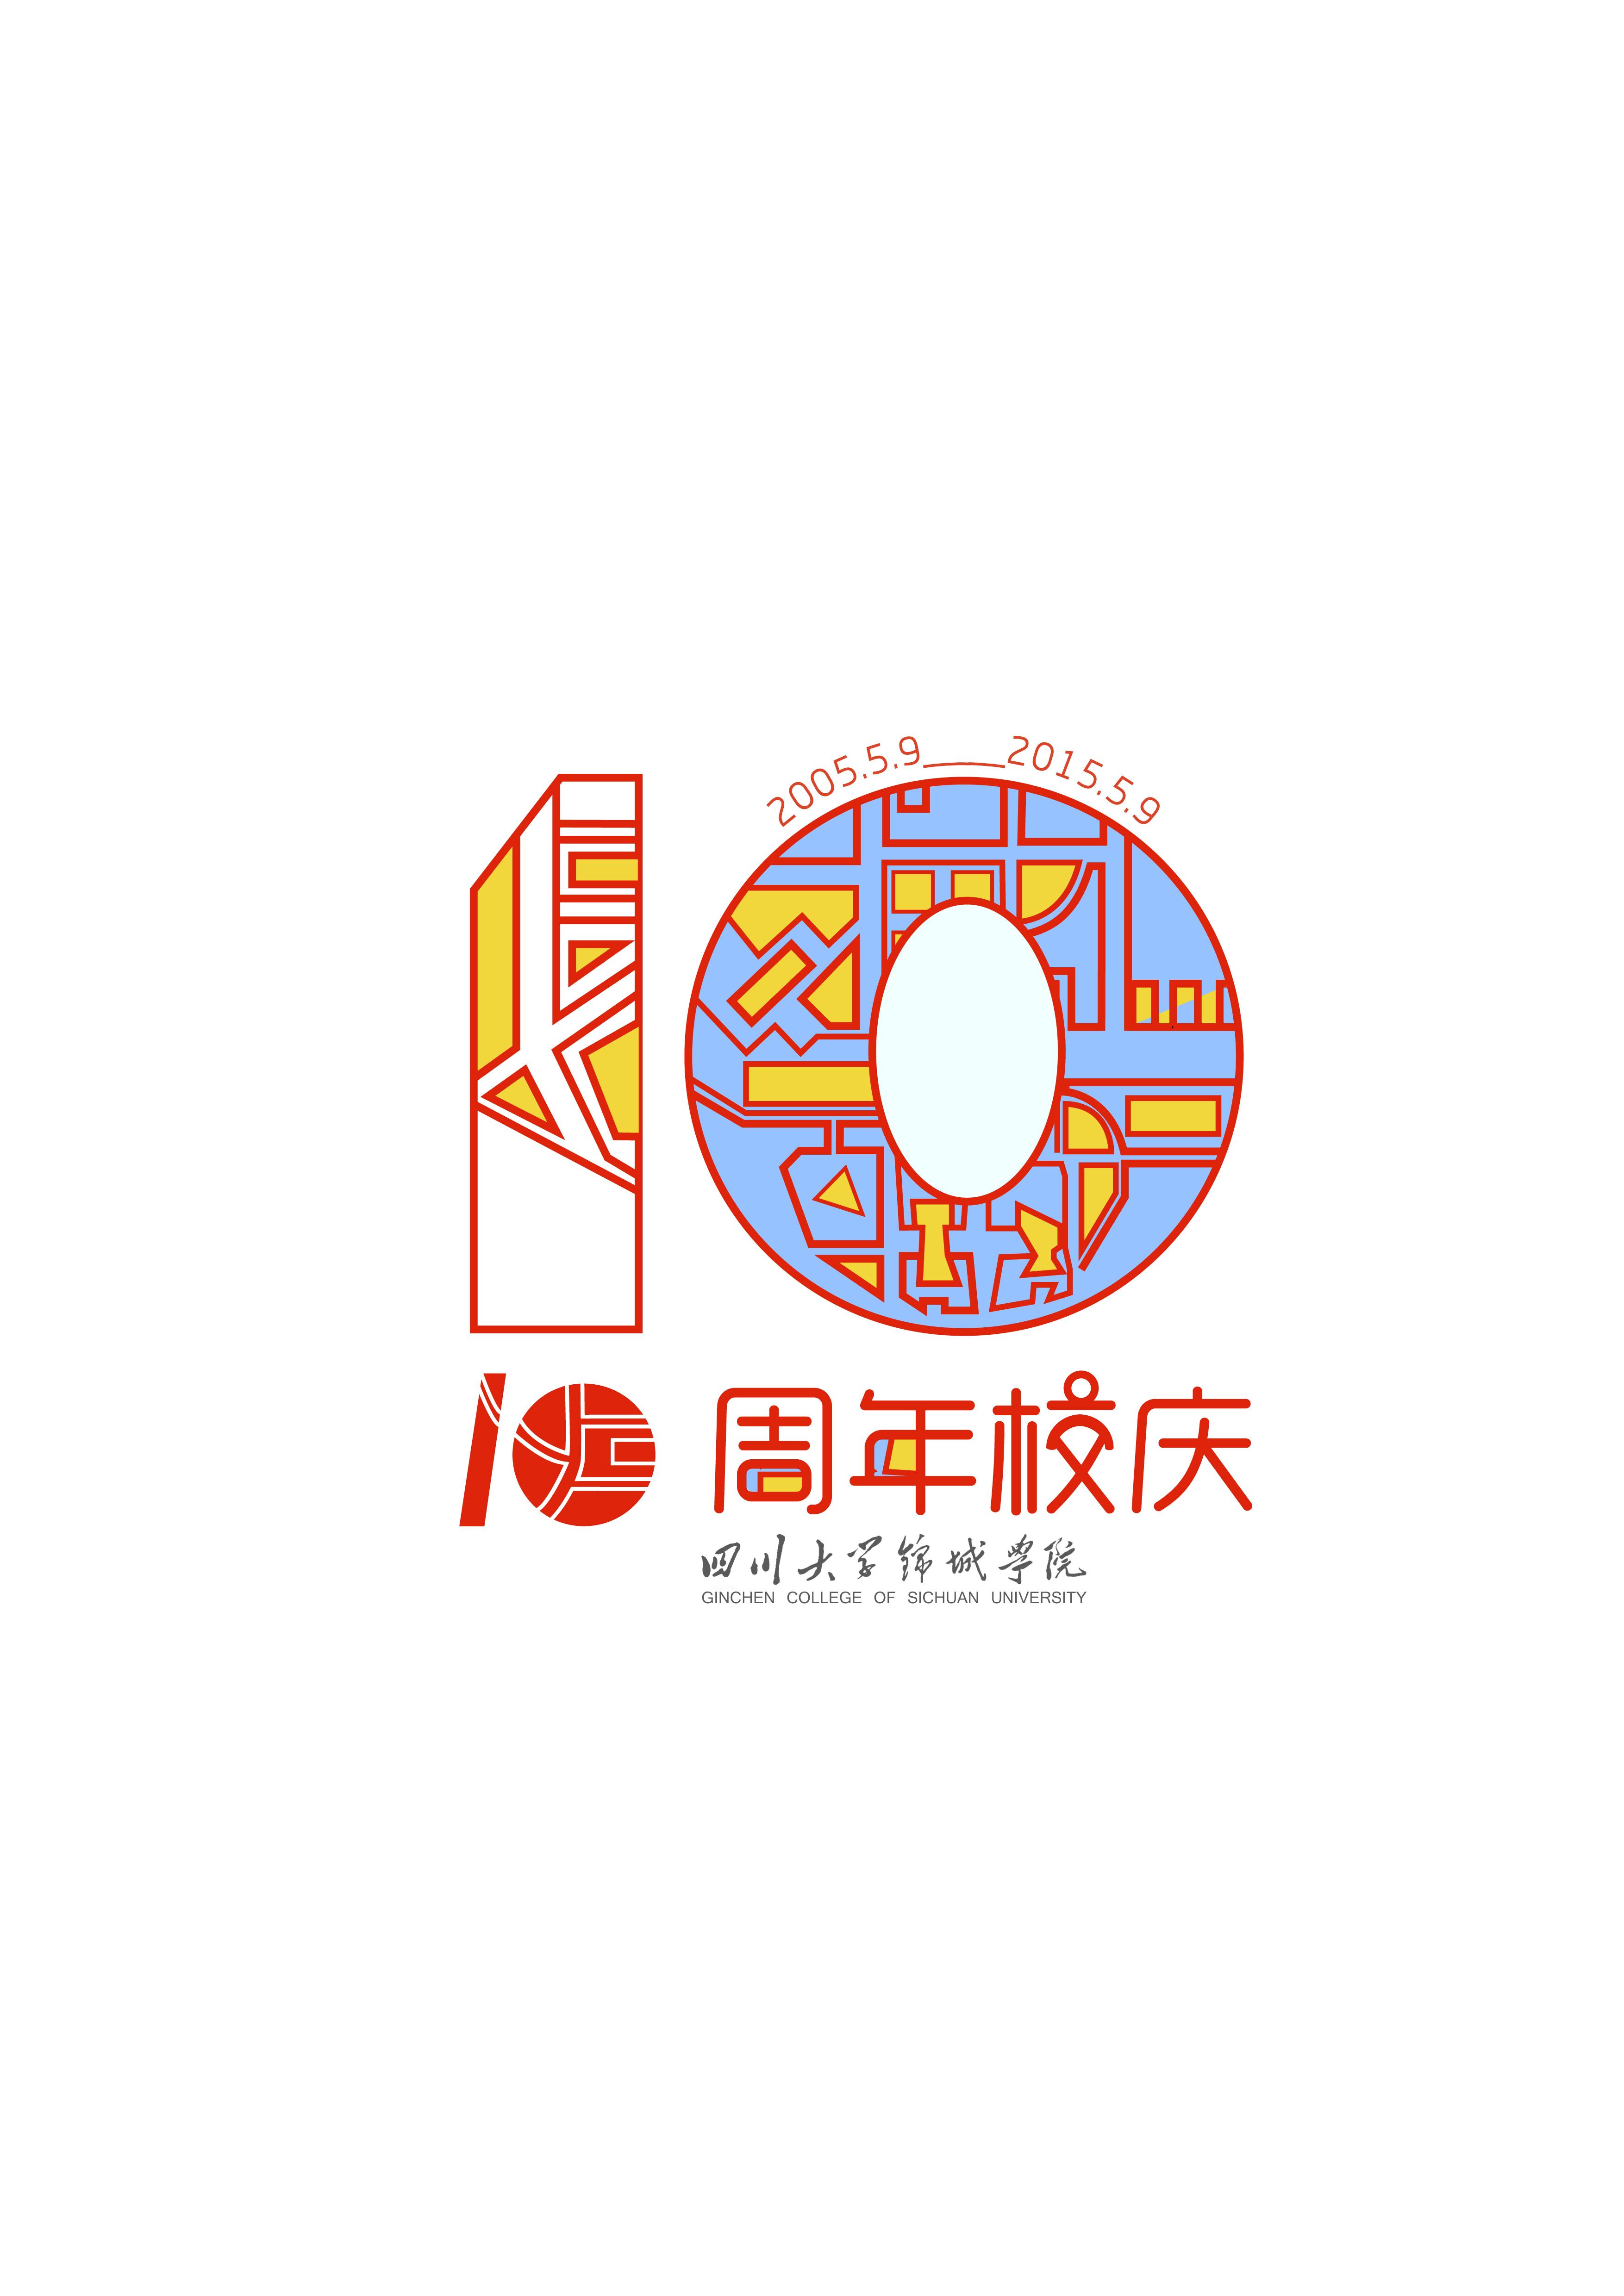 校庆logo设计 |平面|标志|loli雅少 - 原创作品